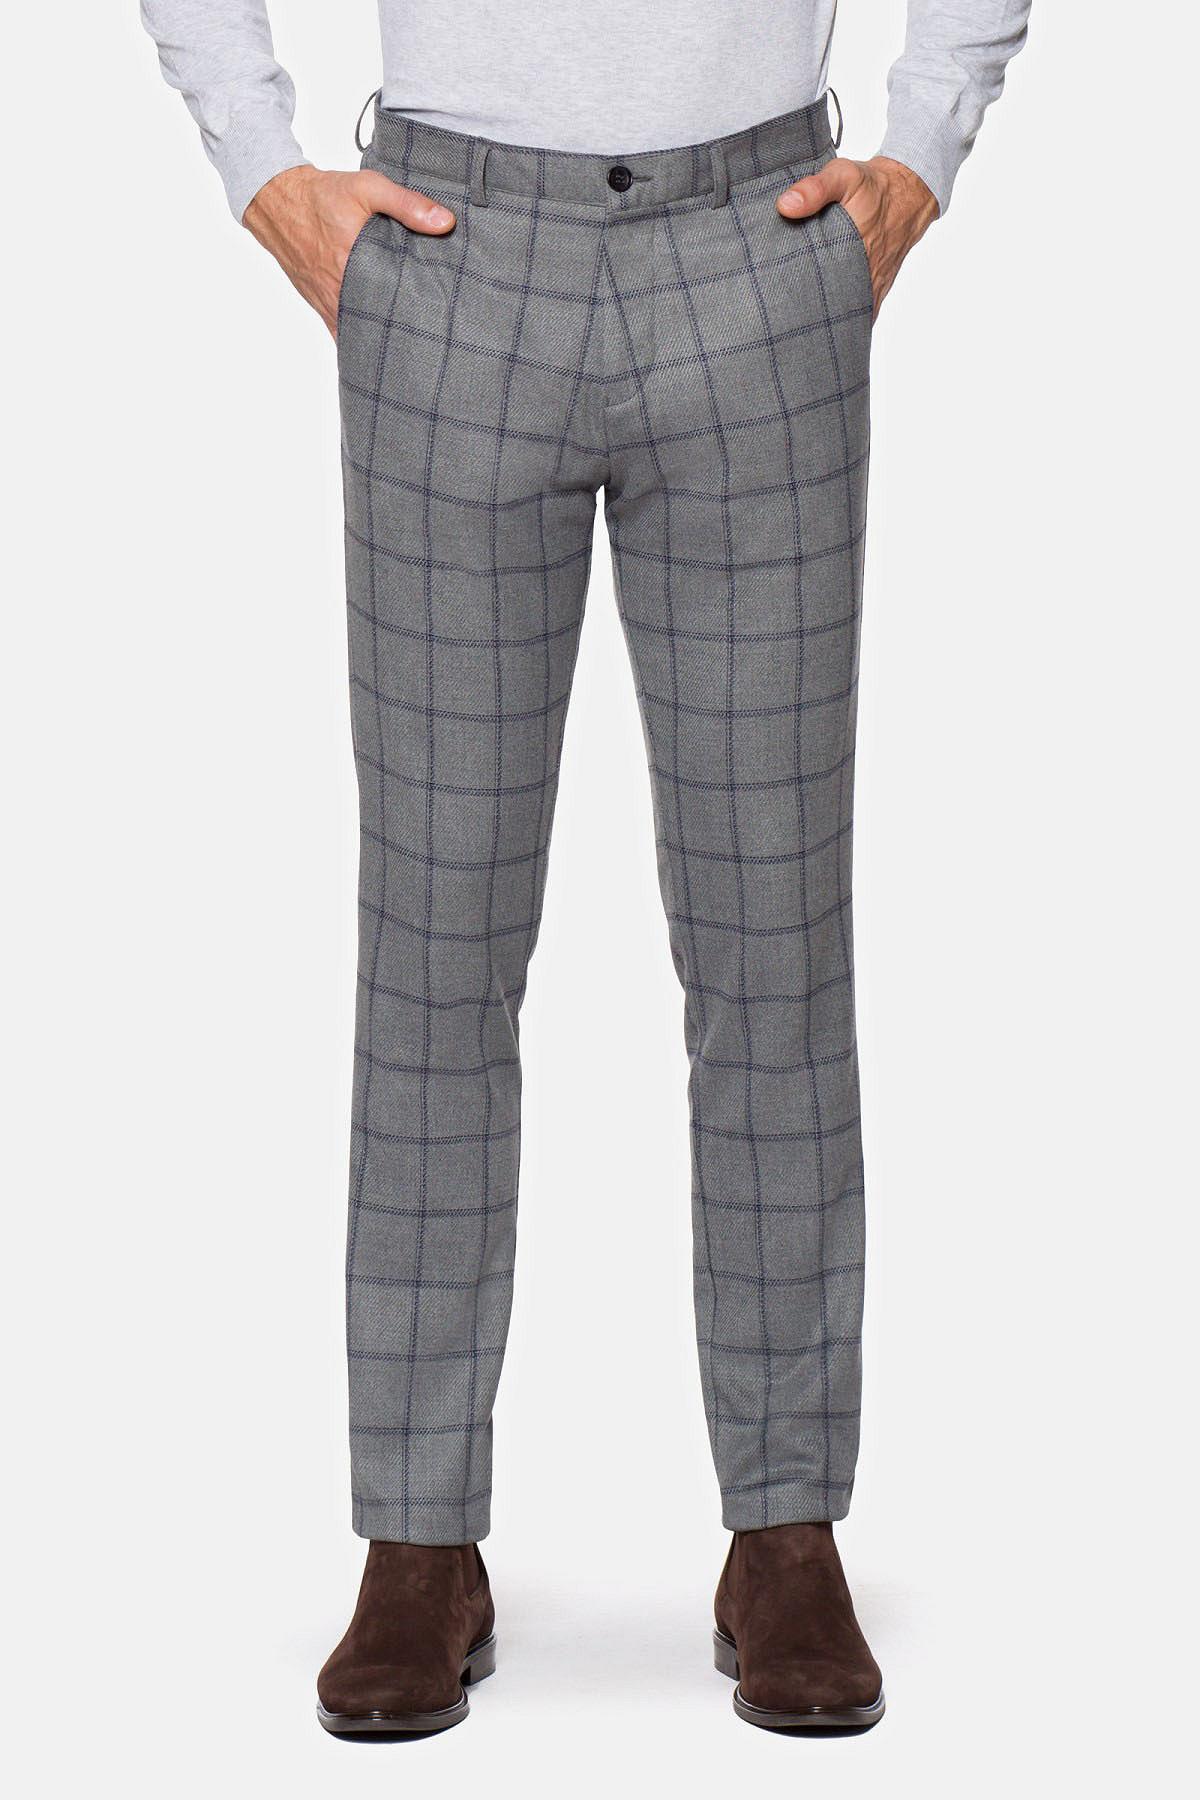 Spodnie Szare w Granatową Kratę Smithson rozmiar W36/L32; W38/L32